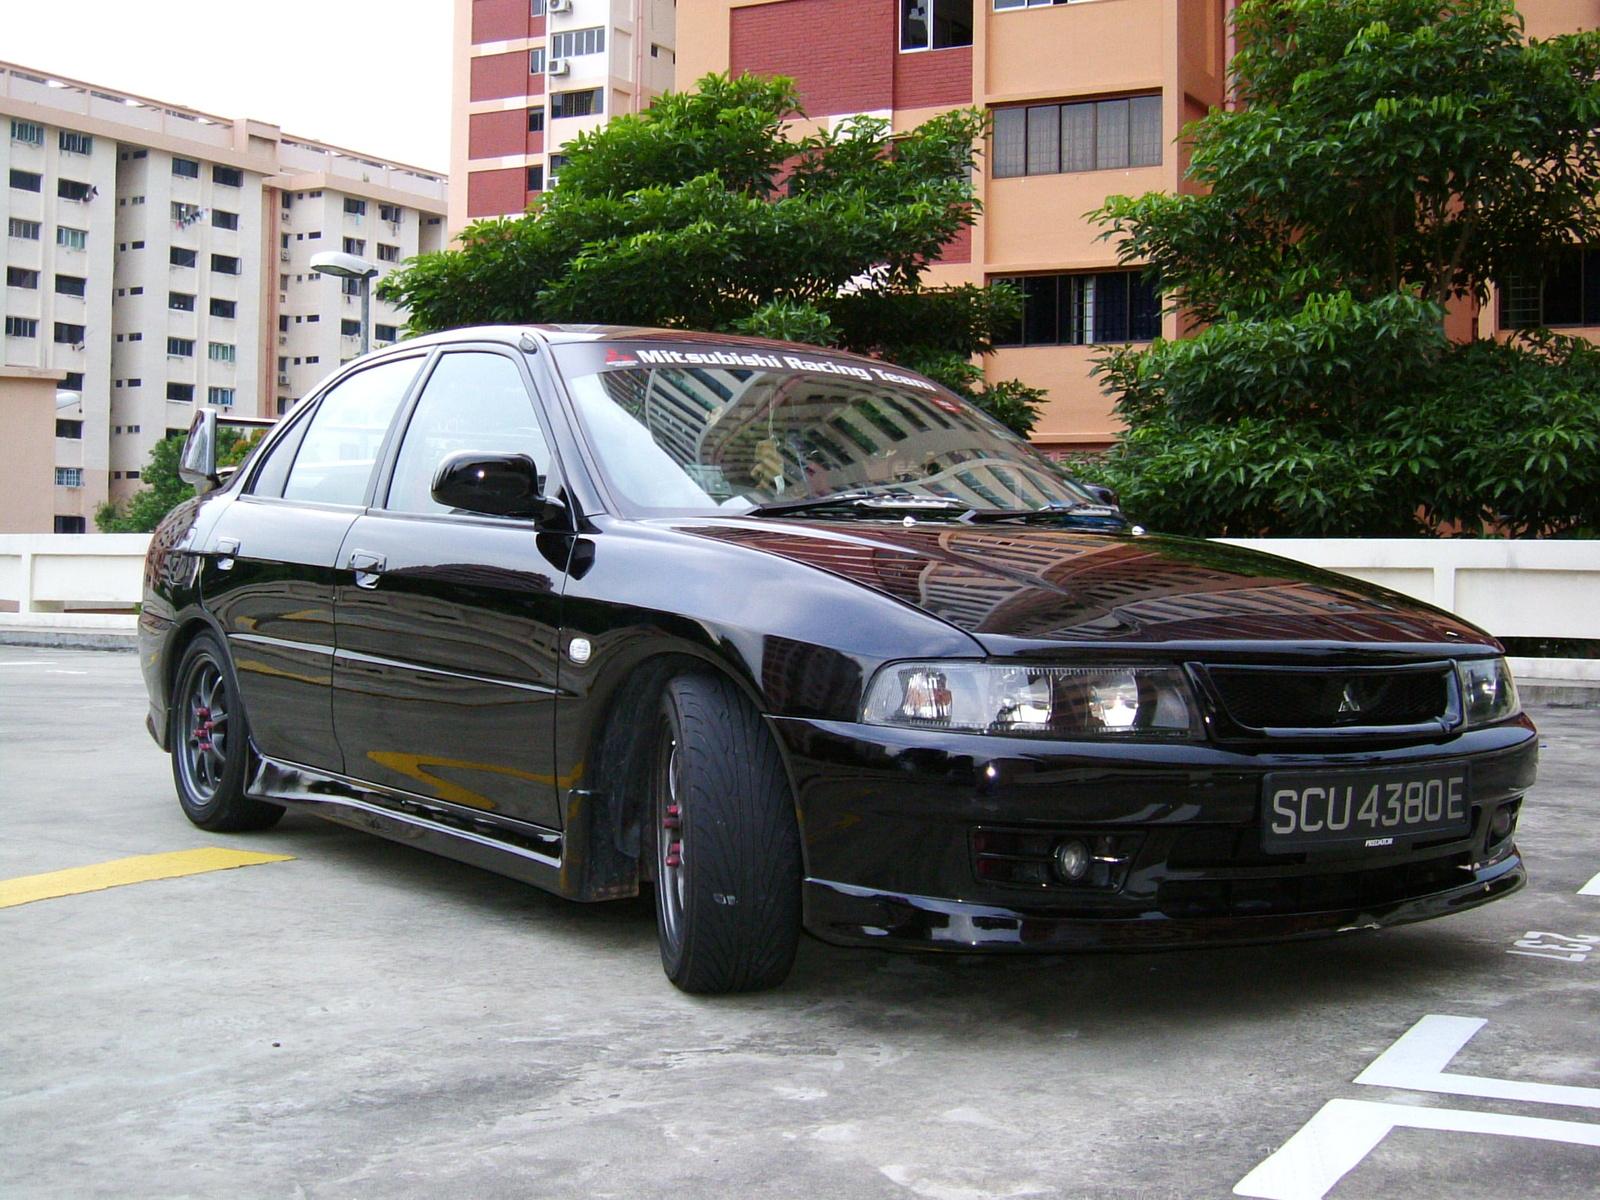 2002 Mitsubishi Mirage Image 10